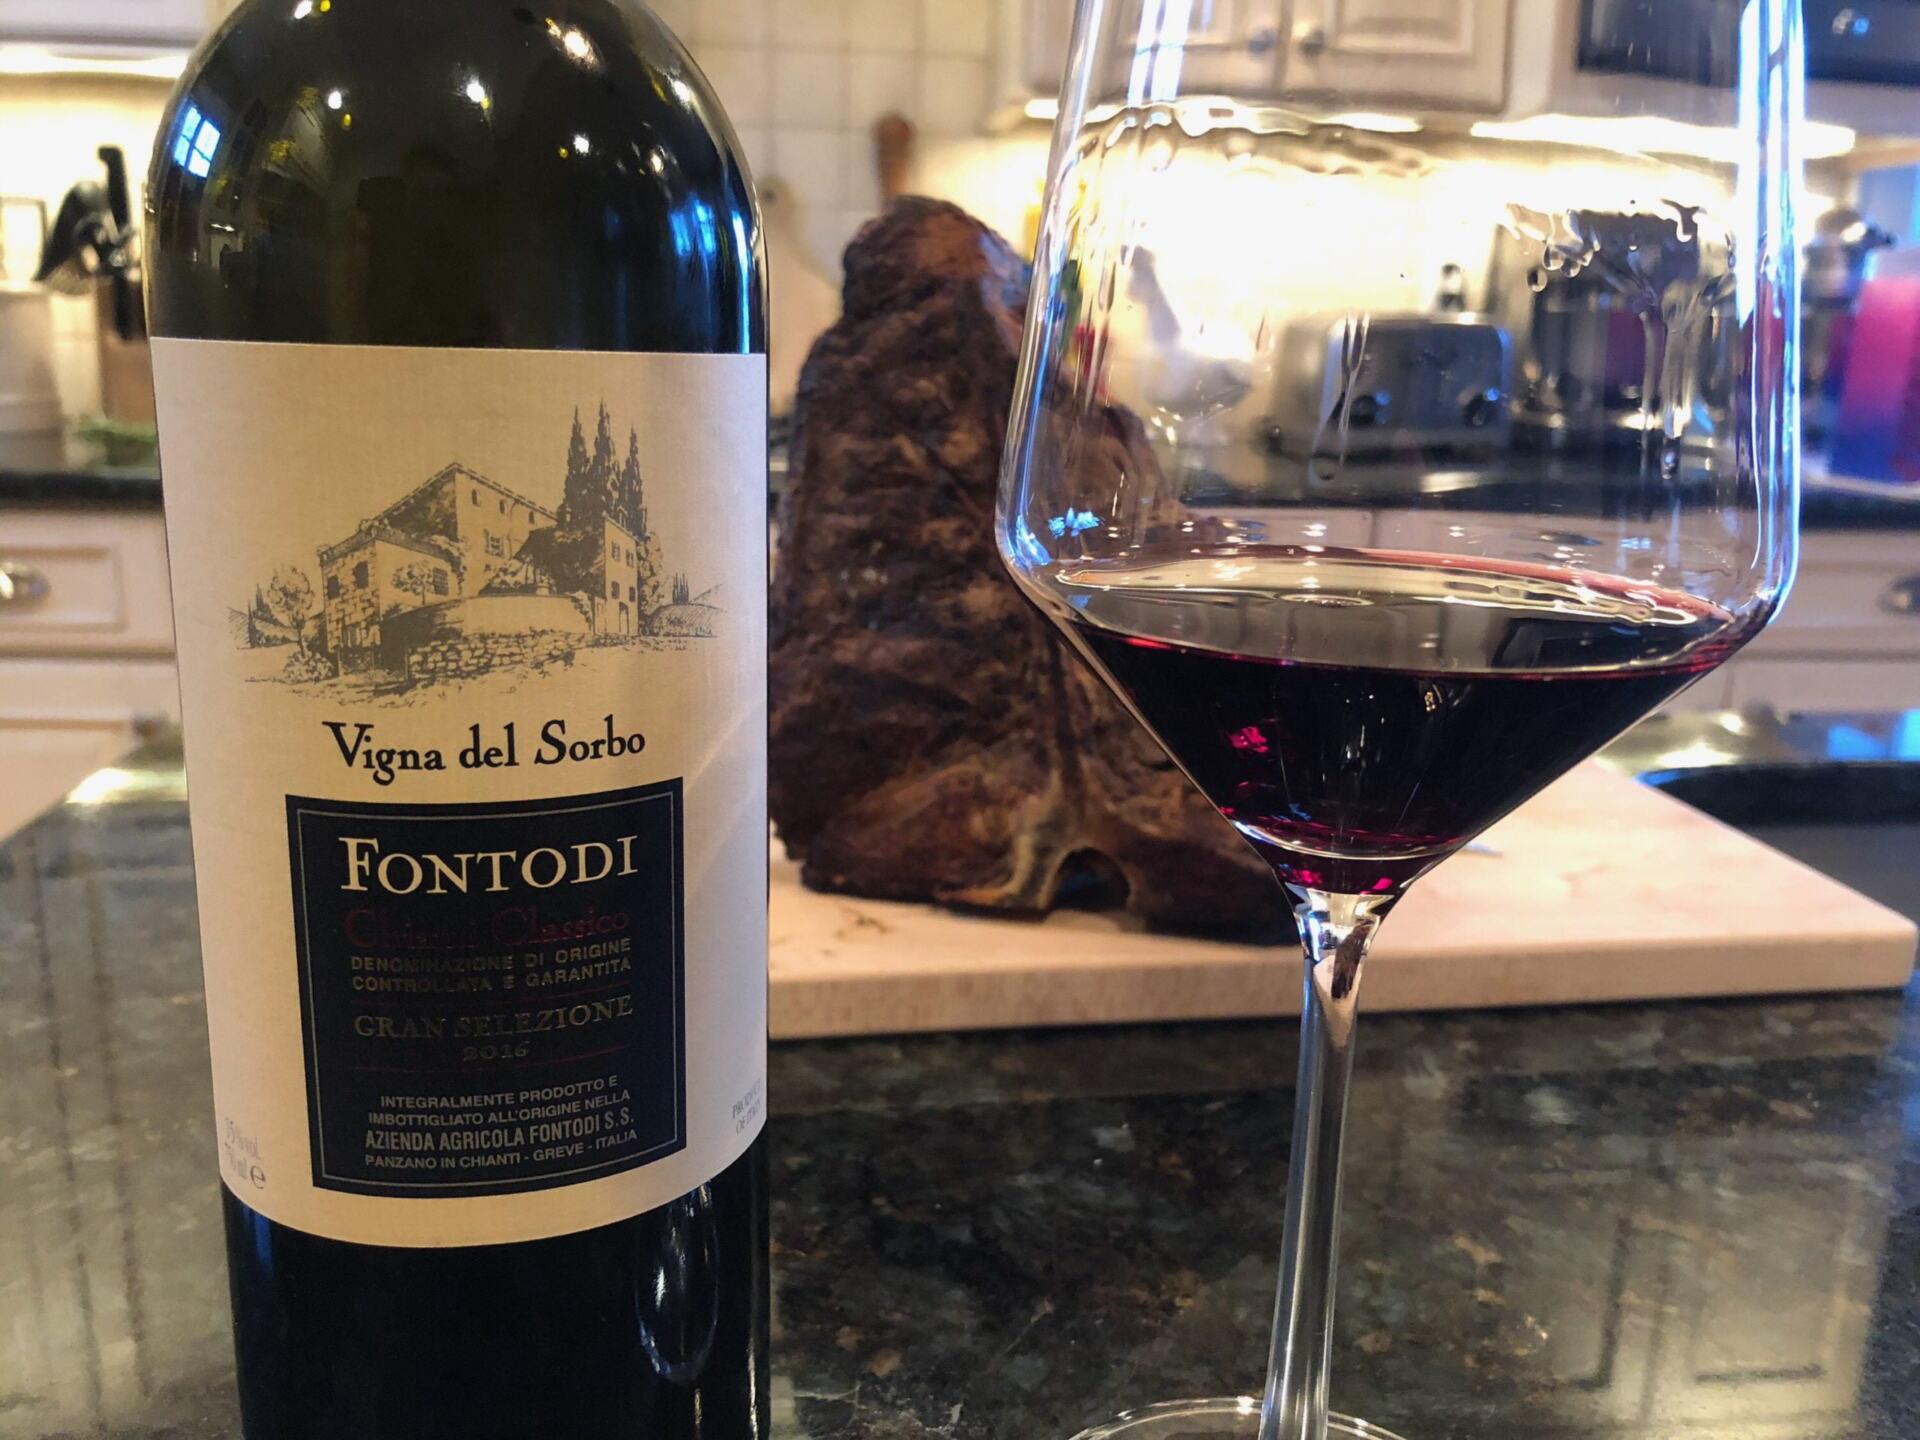 Fontodi Vigna del Sorbo and Steak